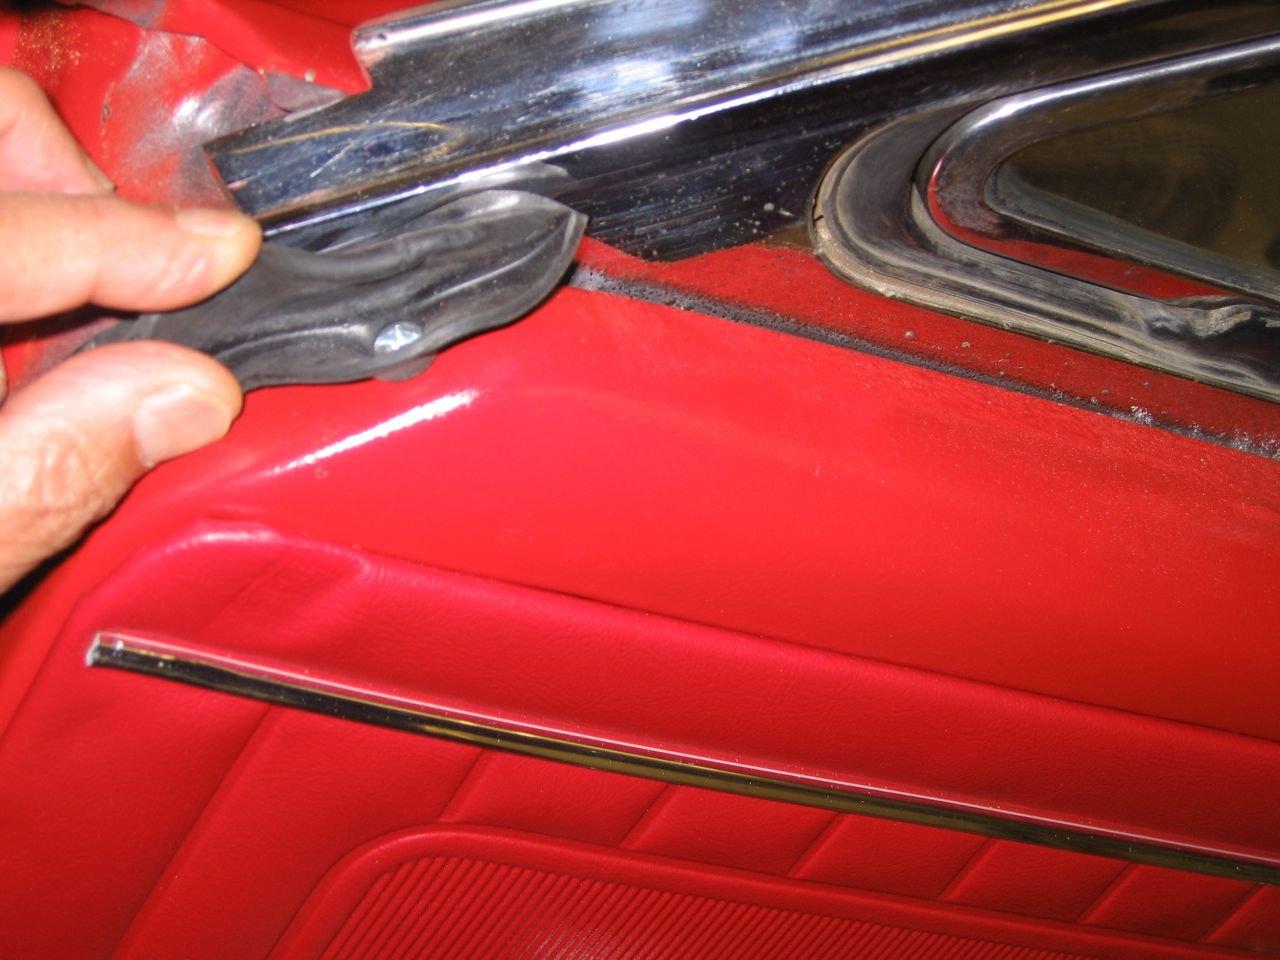 65 Mustang Convertible >> 1965 Mustang door weatherstrip installation - Ford Mustang Forum